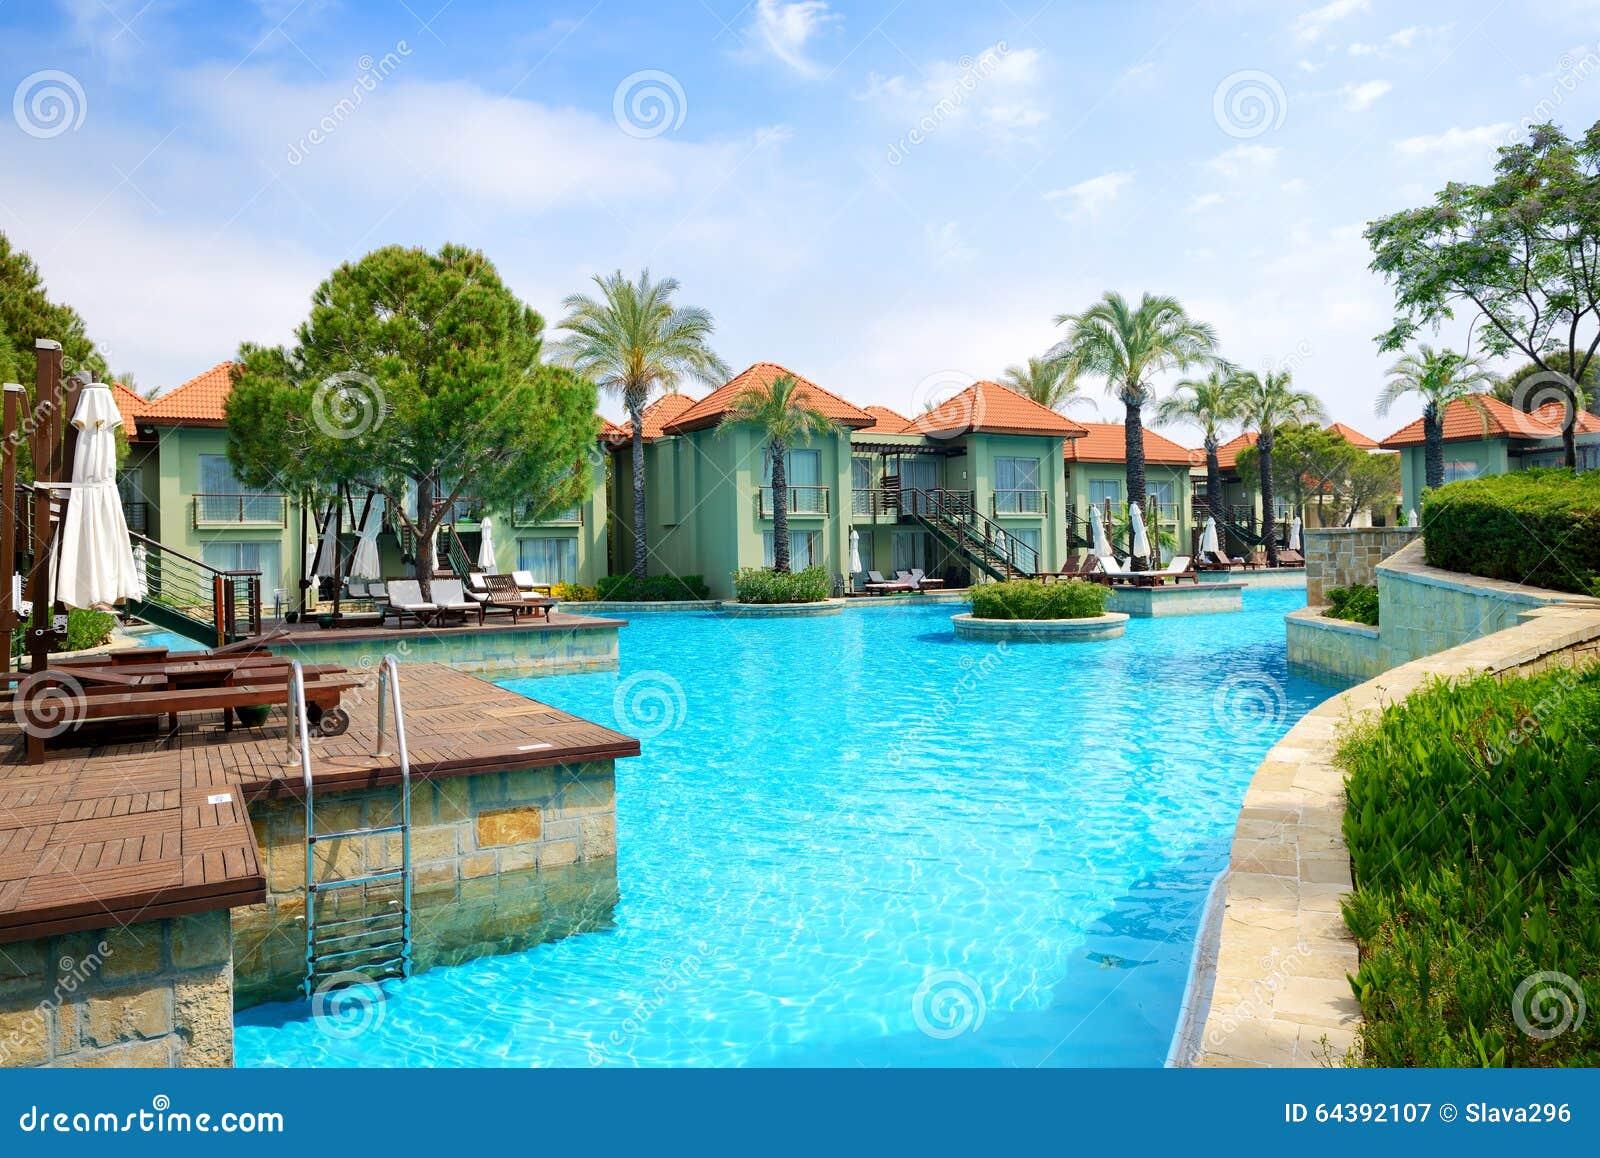 Chalets modernos con la piscina en el hotel de lujo foto for Ville moderne con piscina